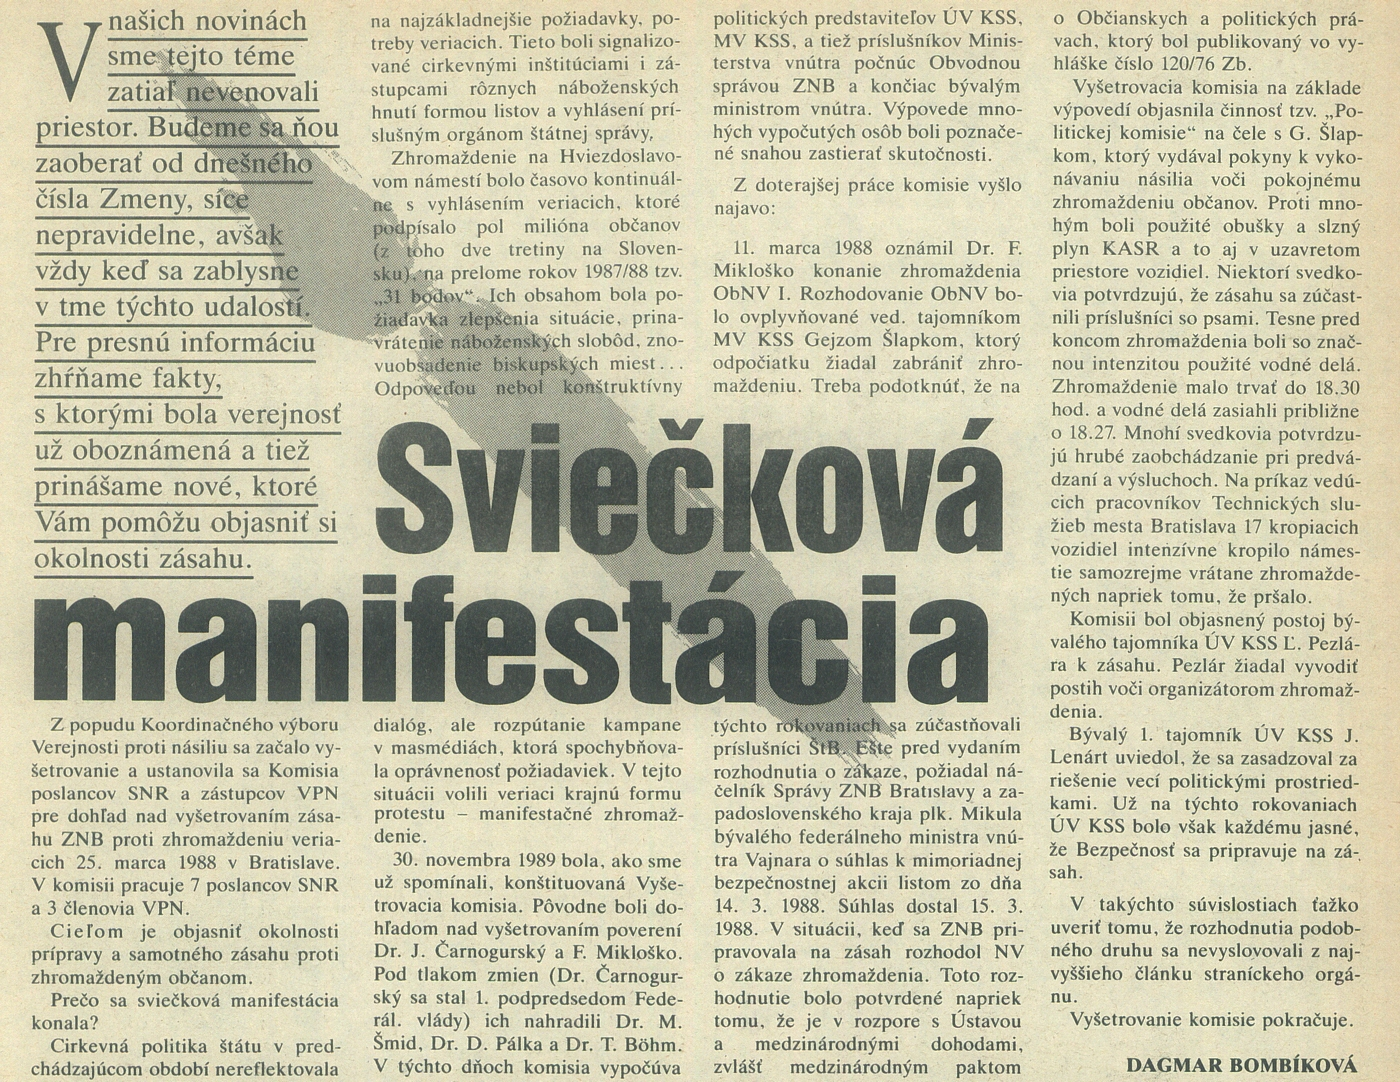 Dagmar Bombíková, Sviečková manifestácia, článok v časopise Zmena. 1990. Univerzitná knižnica v Bratislave